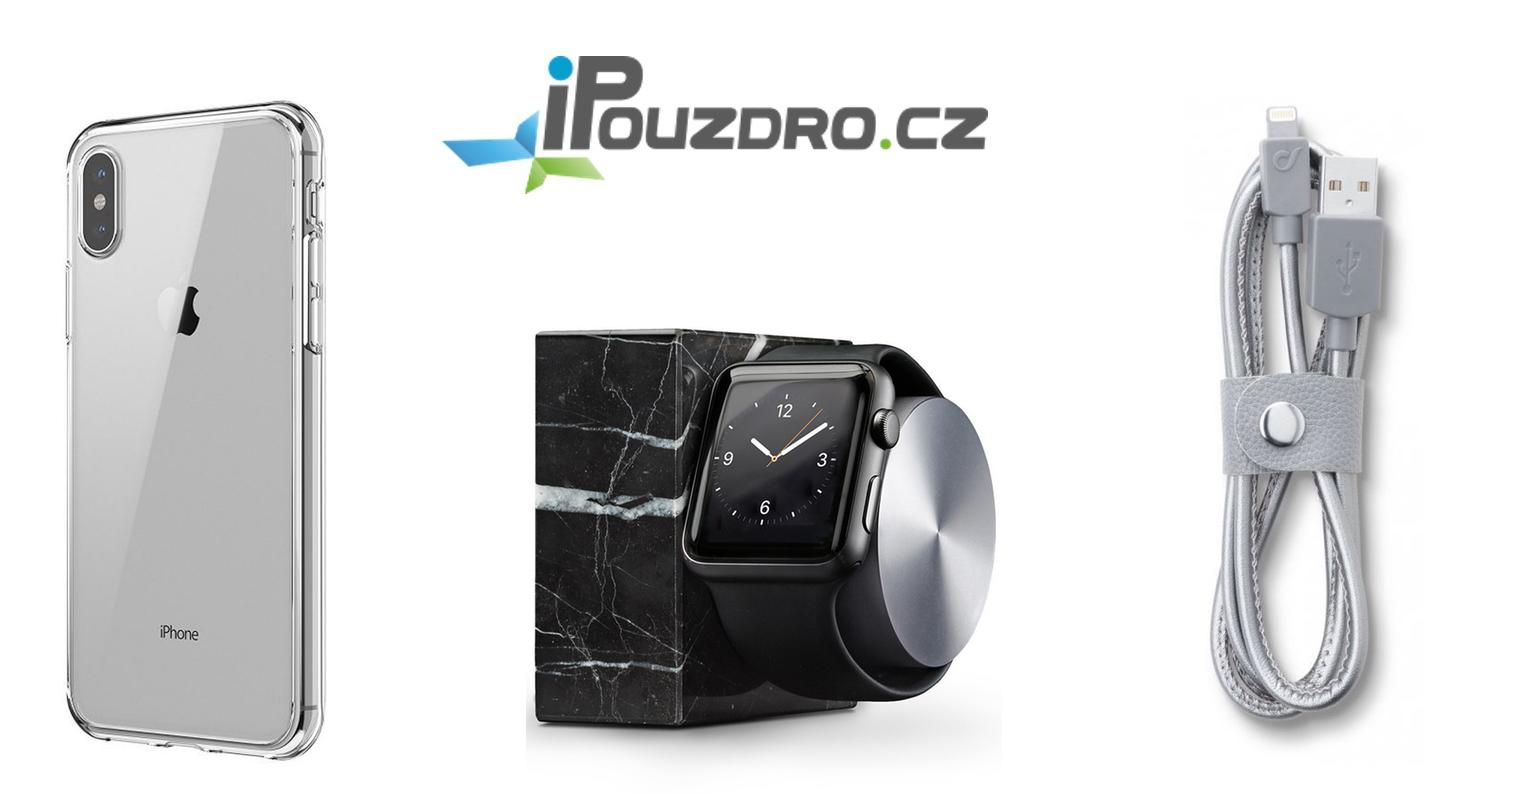 iPouzdro-vyprodej